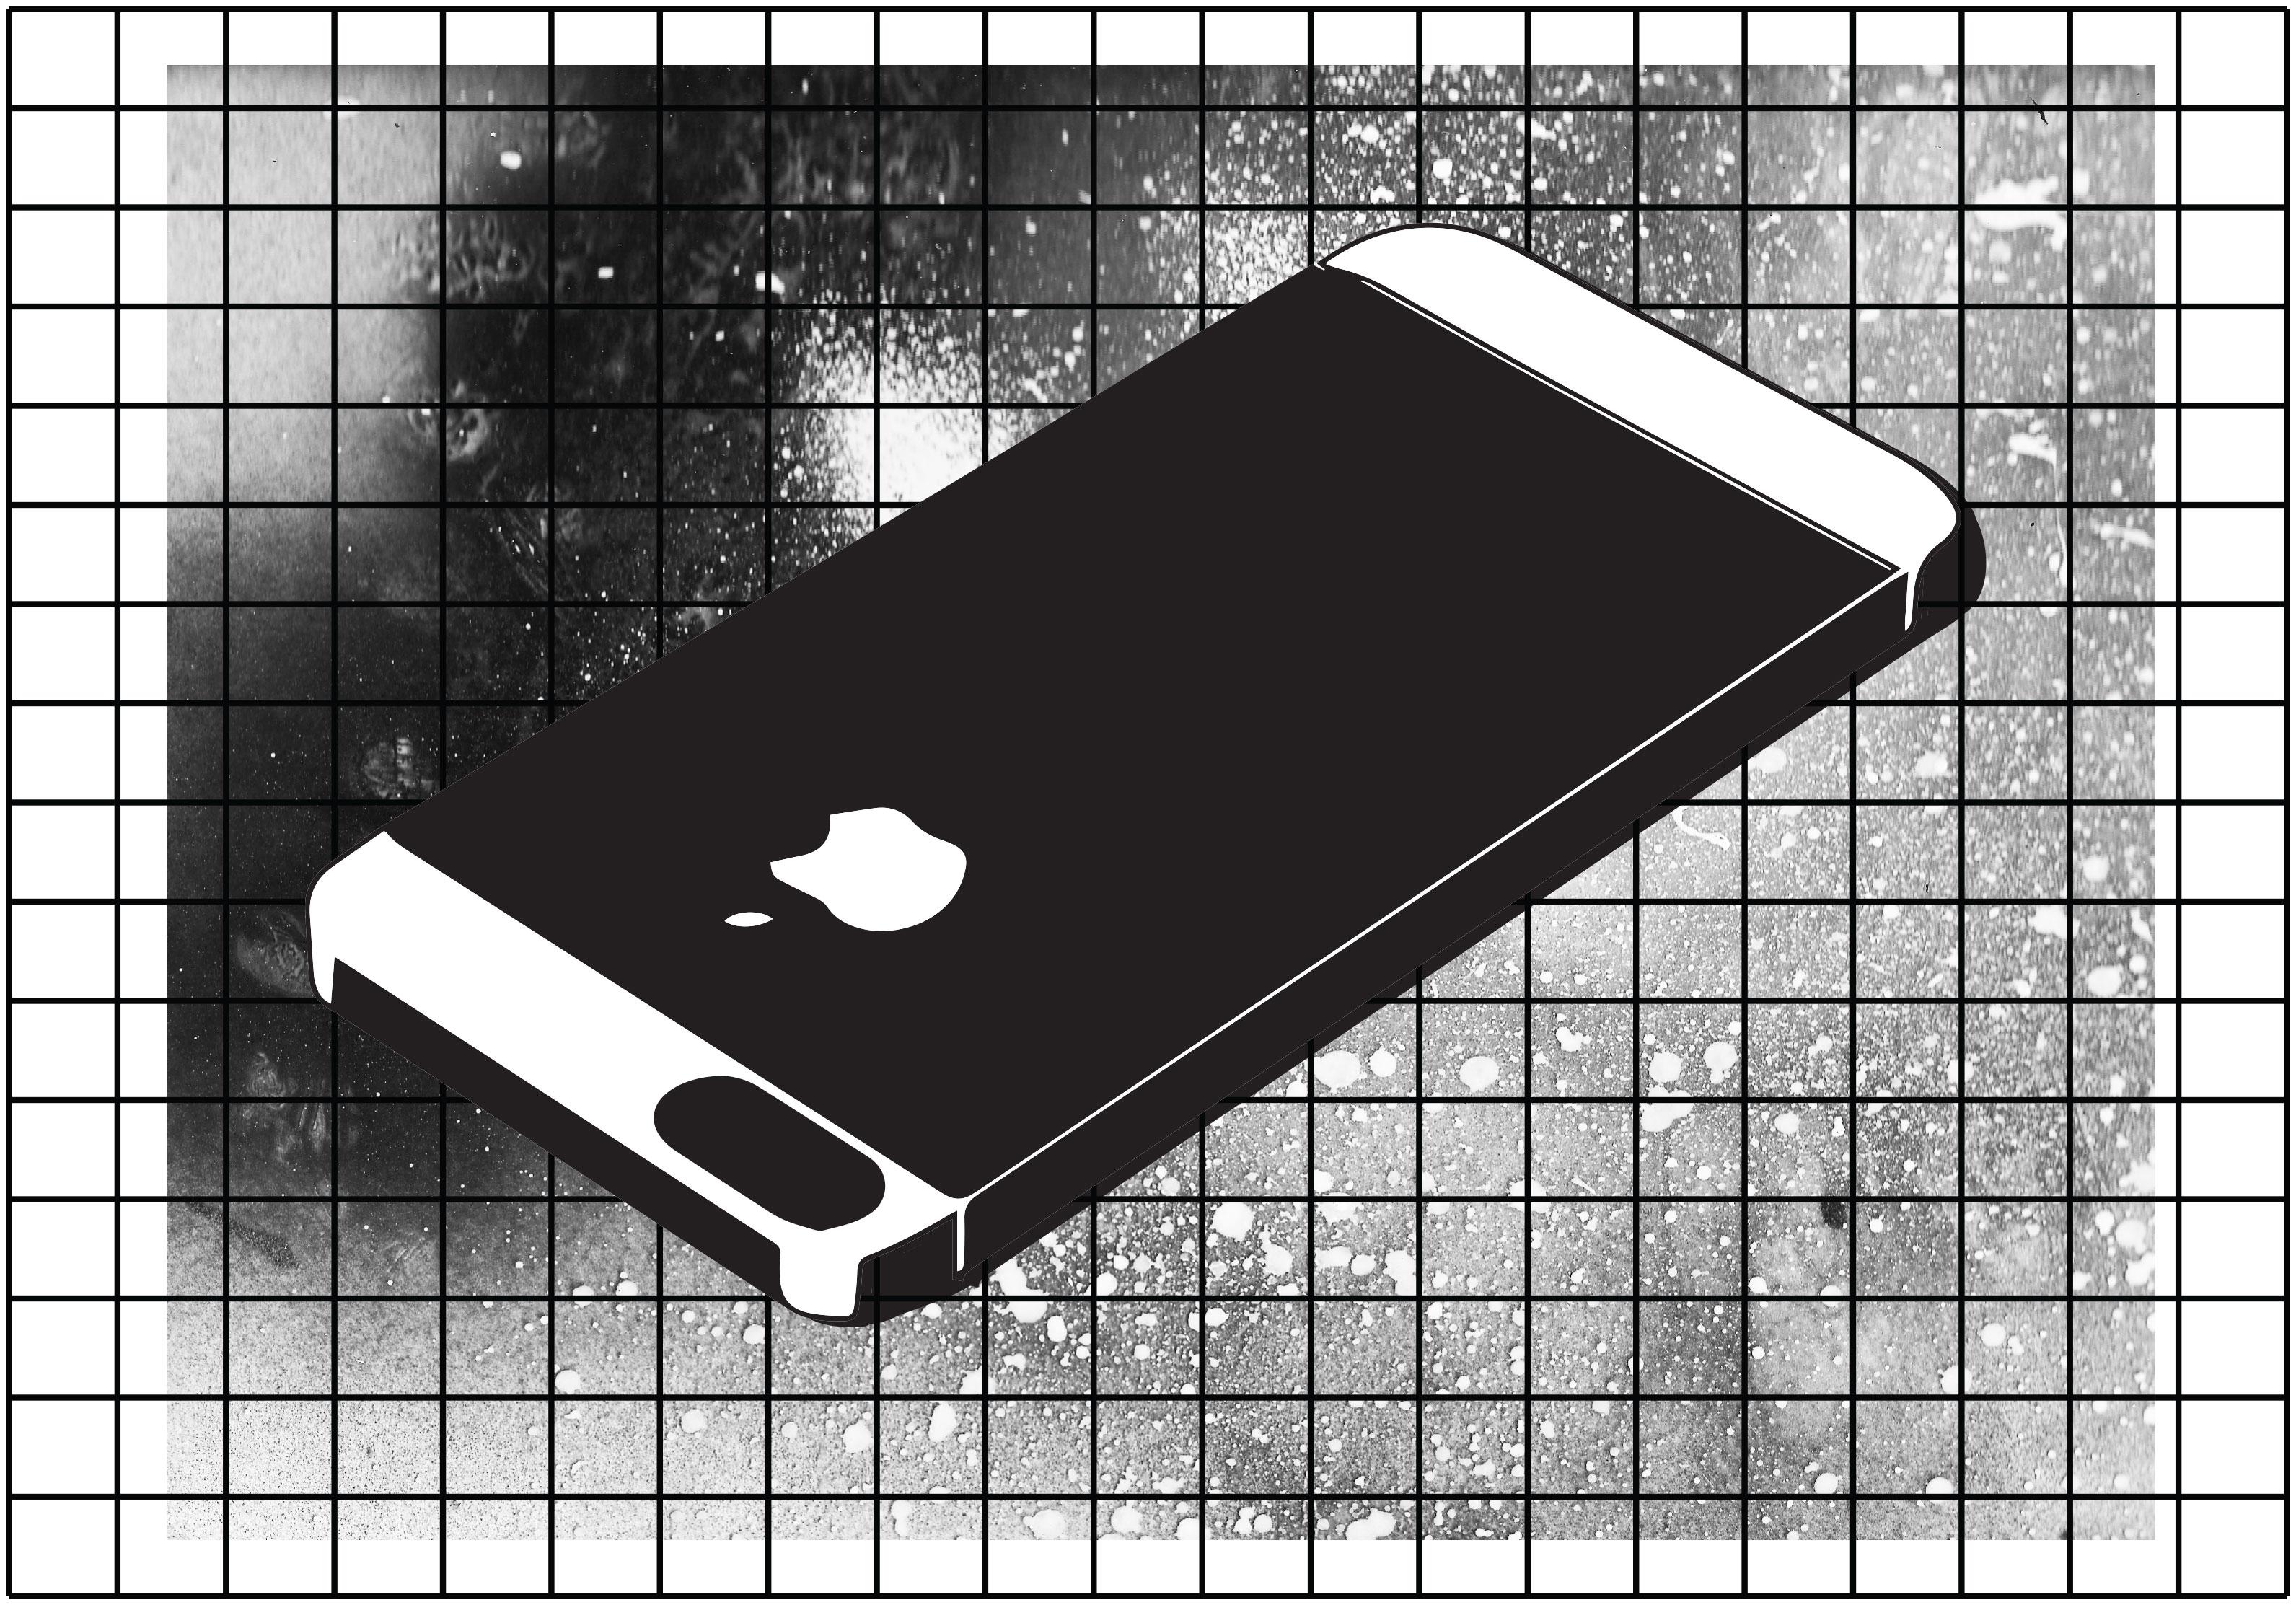 Illustration de Joseph Hadacek sur le tantale, les métaux rares présents dans les smartphones et le prix lourd de leur extraction